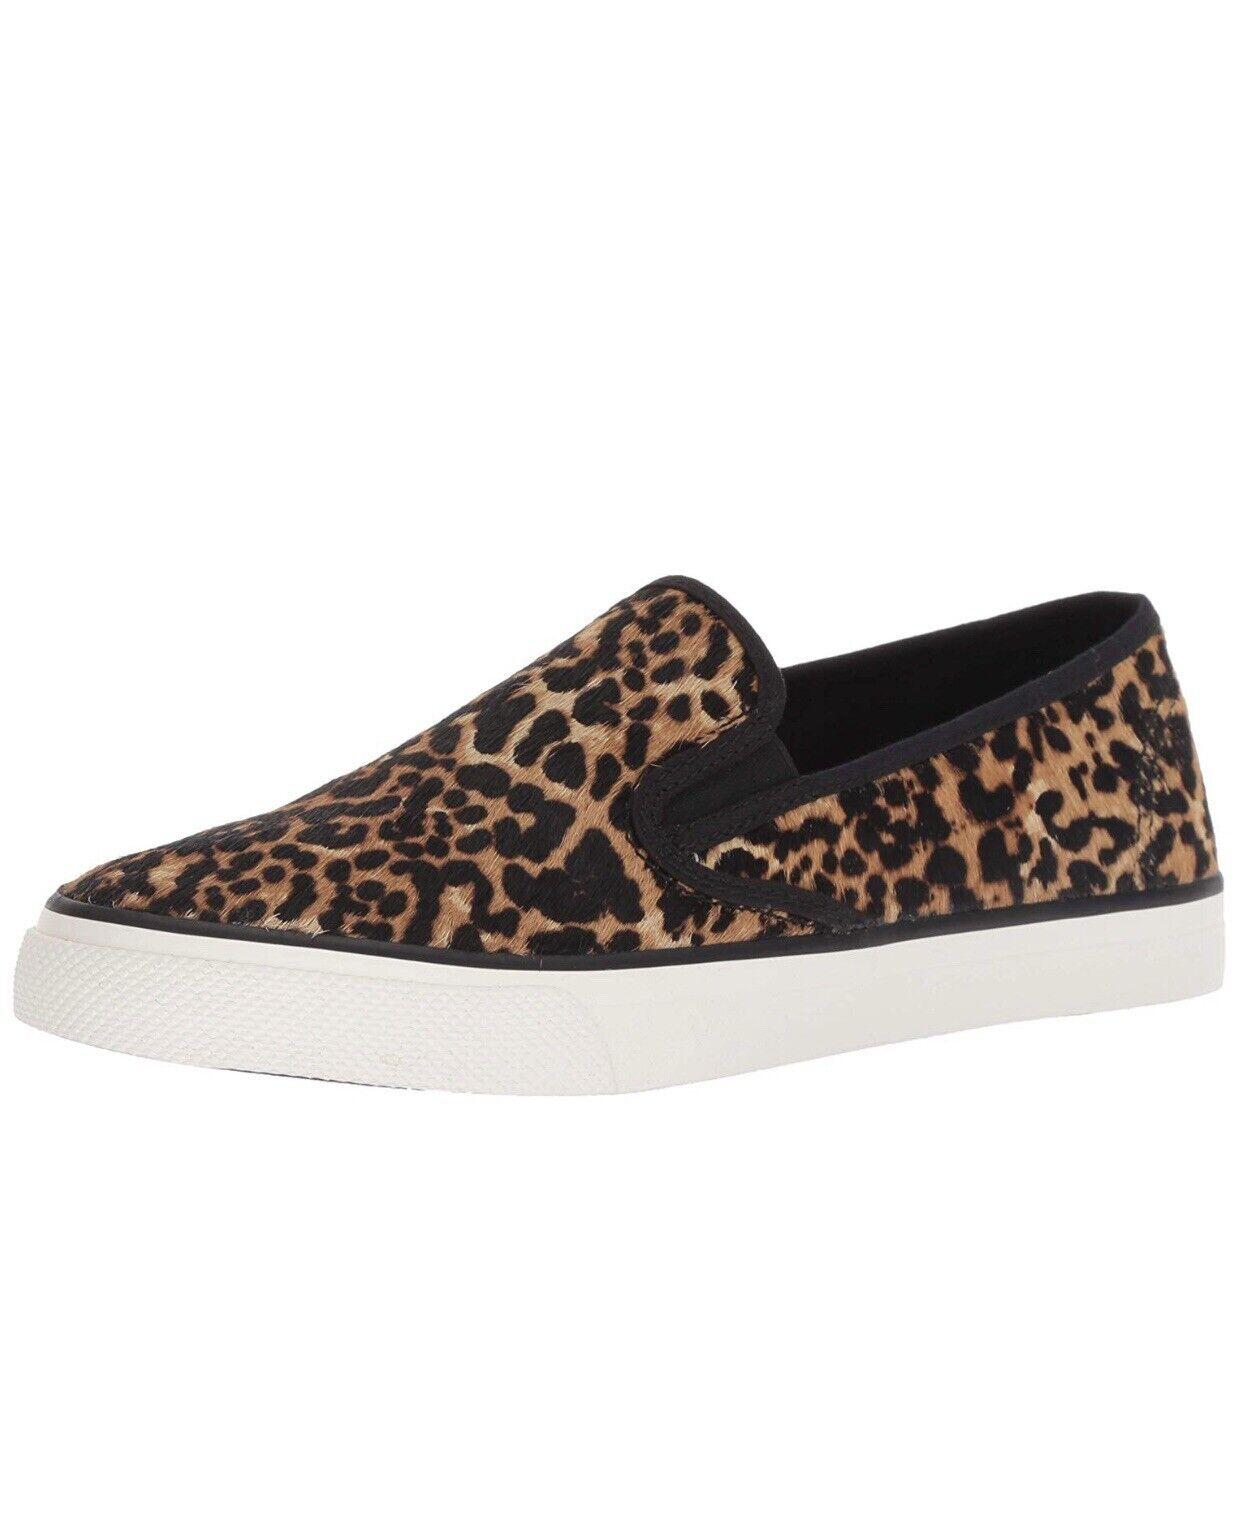 Sperrys seaside Tan multi leopard shoes Size 6